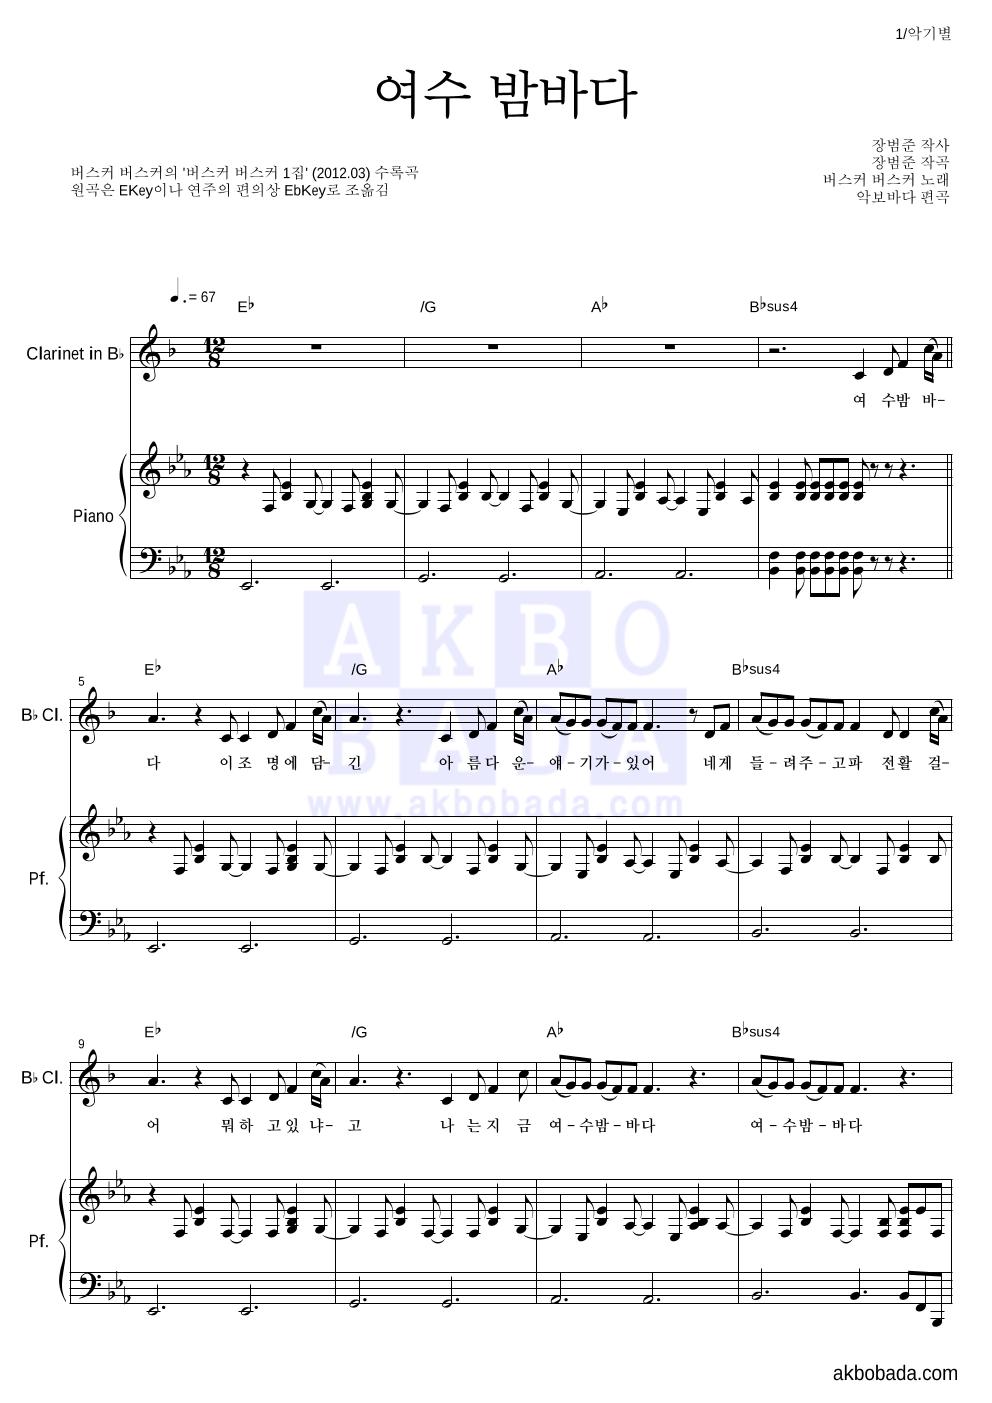 버스커 버스커 - 여수 밤바다 클라리넷&피아노 악보